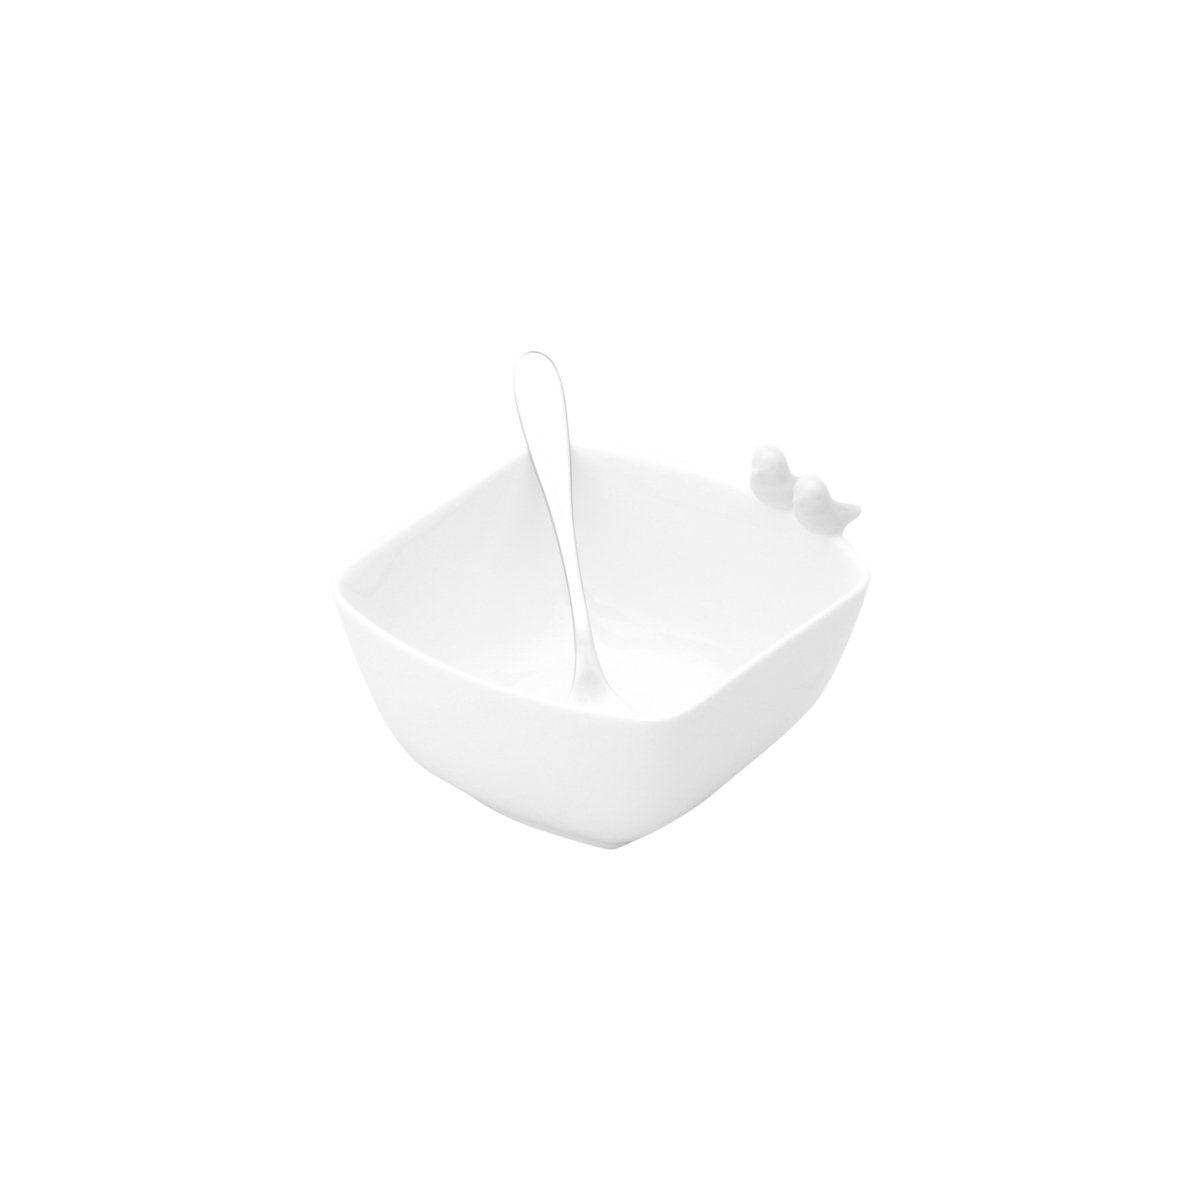 Conjunto 7 peças bandeja e petisqueira de porcelana branca com talheres de aço inox Birds Wolff - 17295